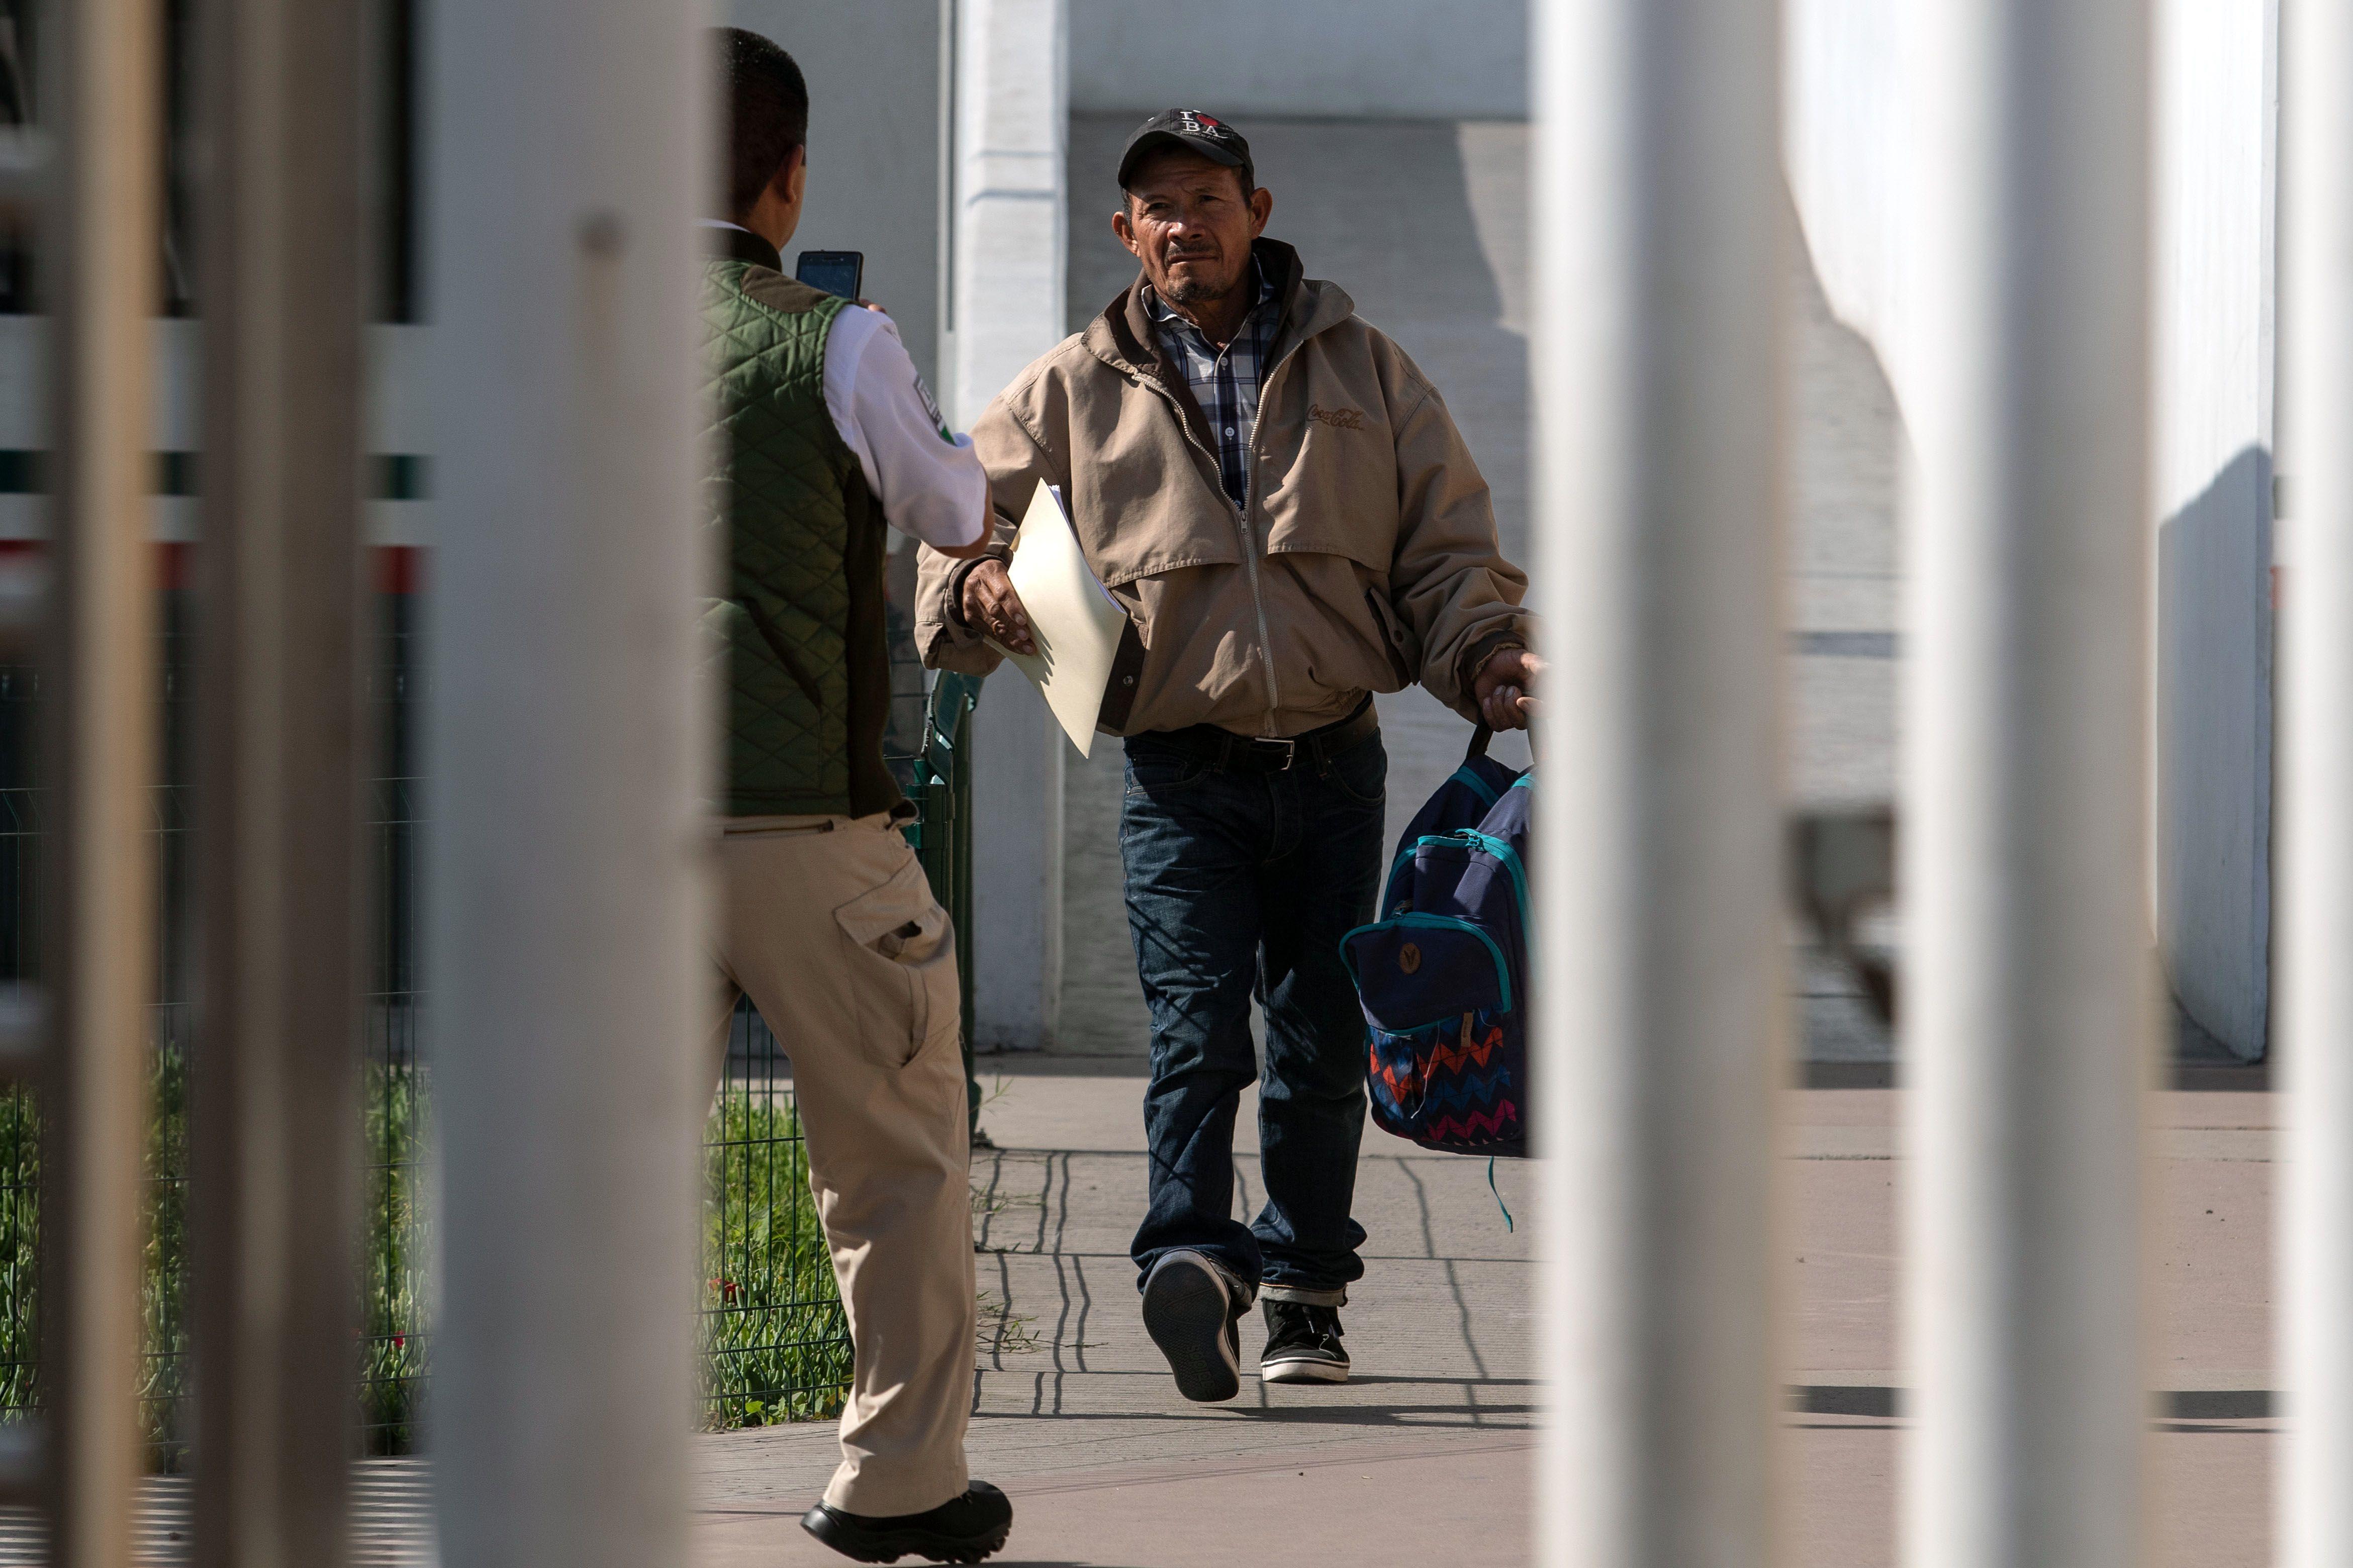 Un migrante hondureño que solicitó asilo en EE. UU. es retornado a Tijuana. (Foto Prensa Libre: Hemeroteca PL)